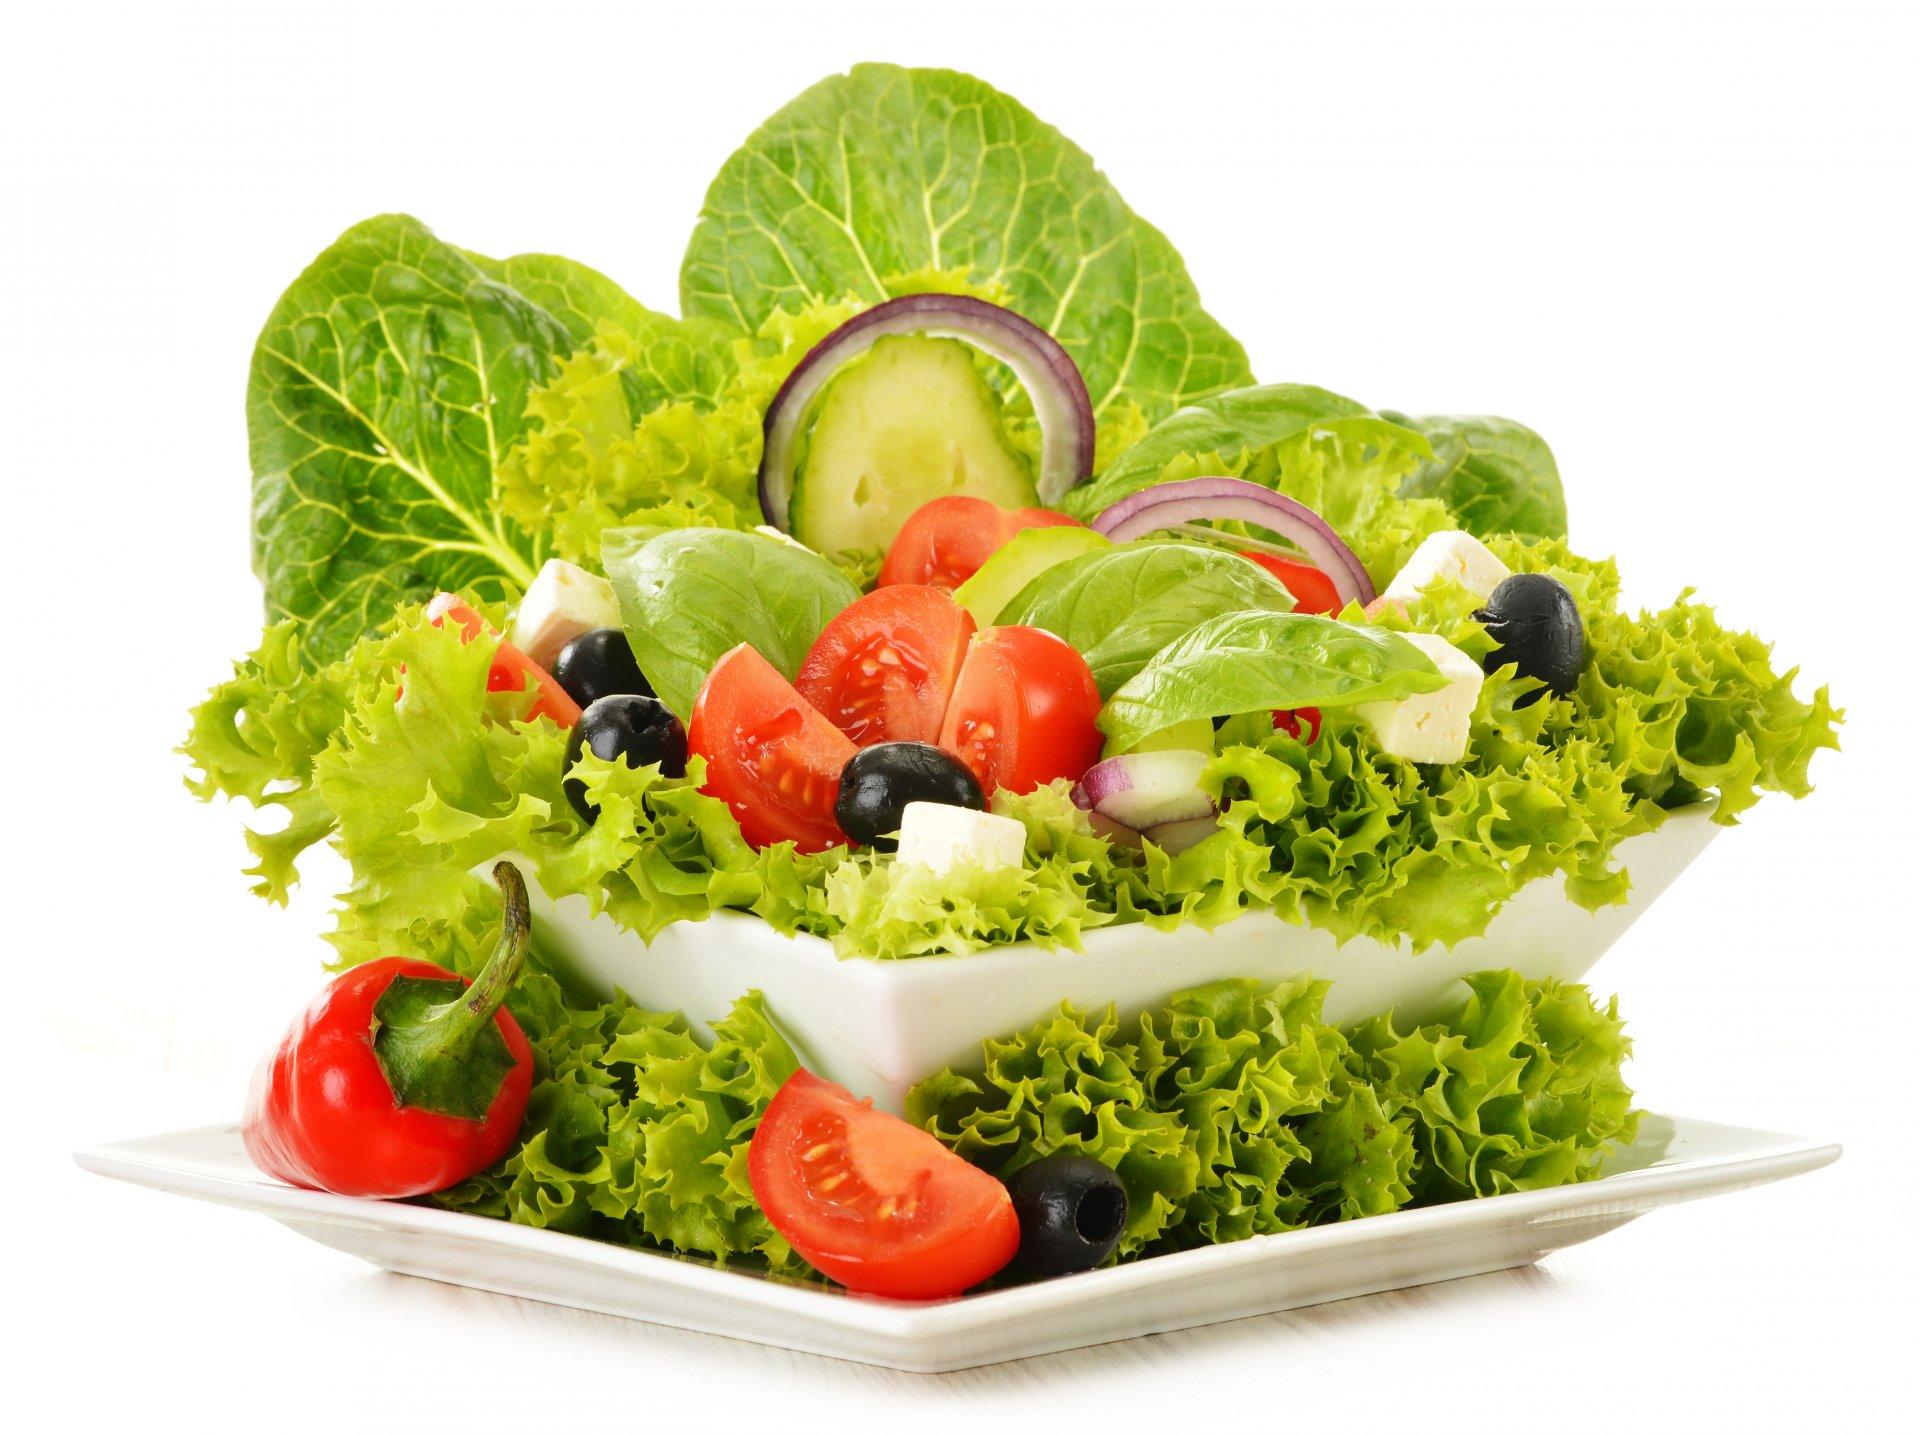 как картинка салата из овощей рисунок организациях